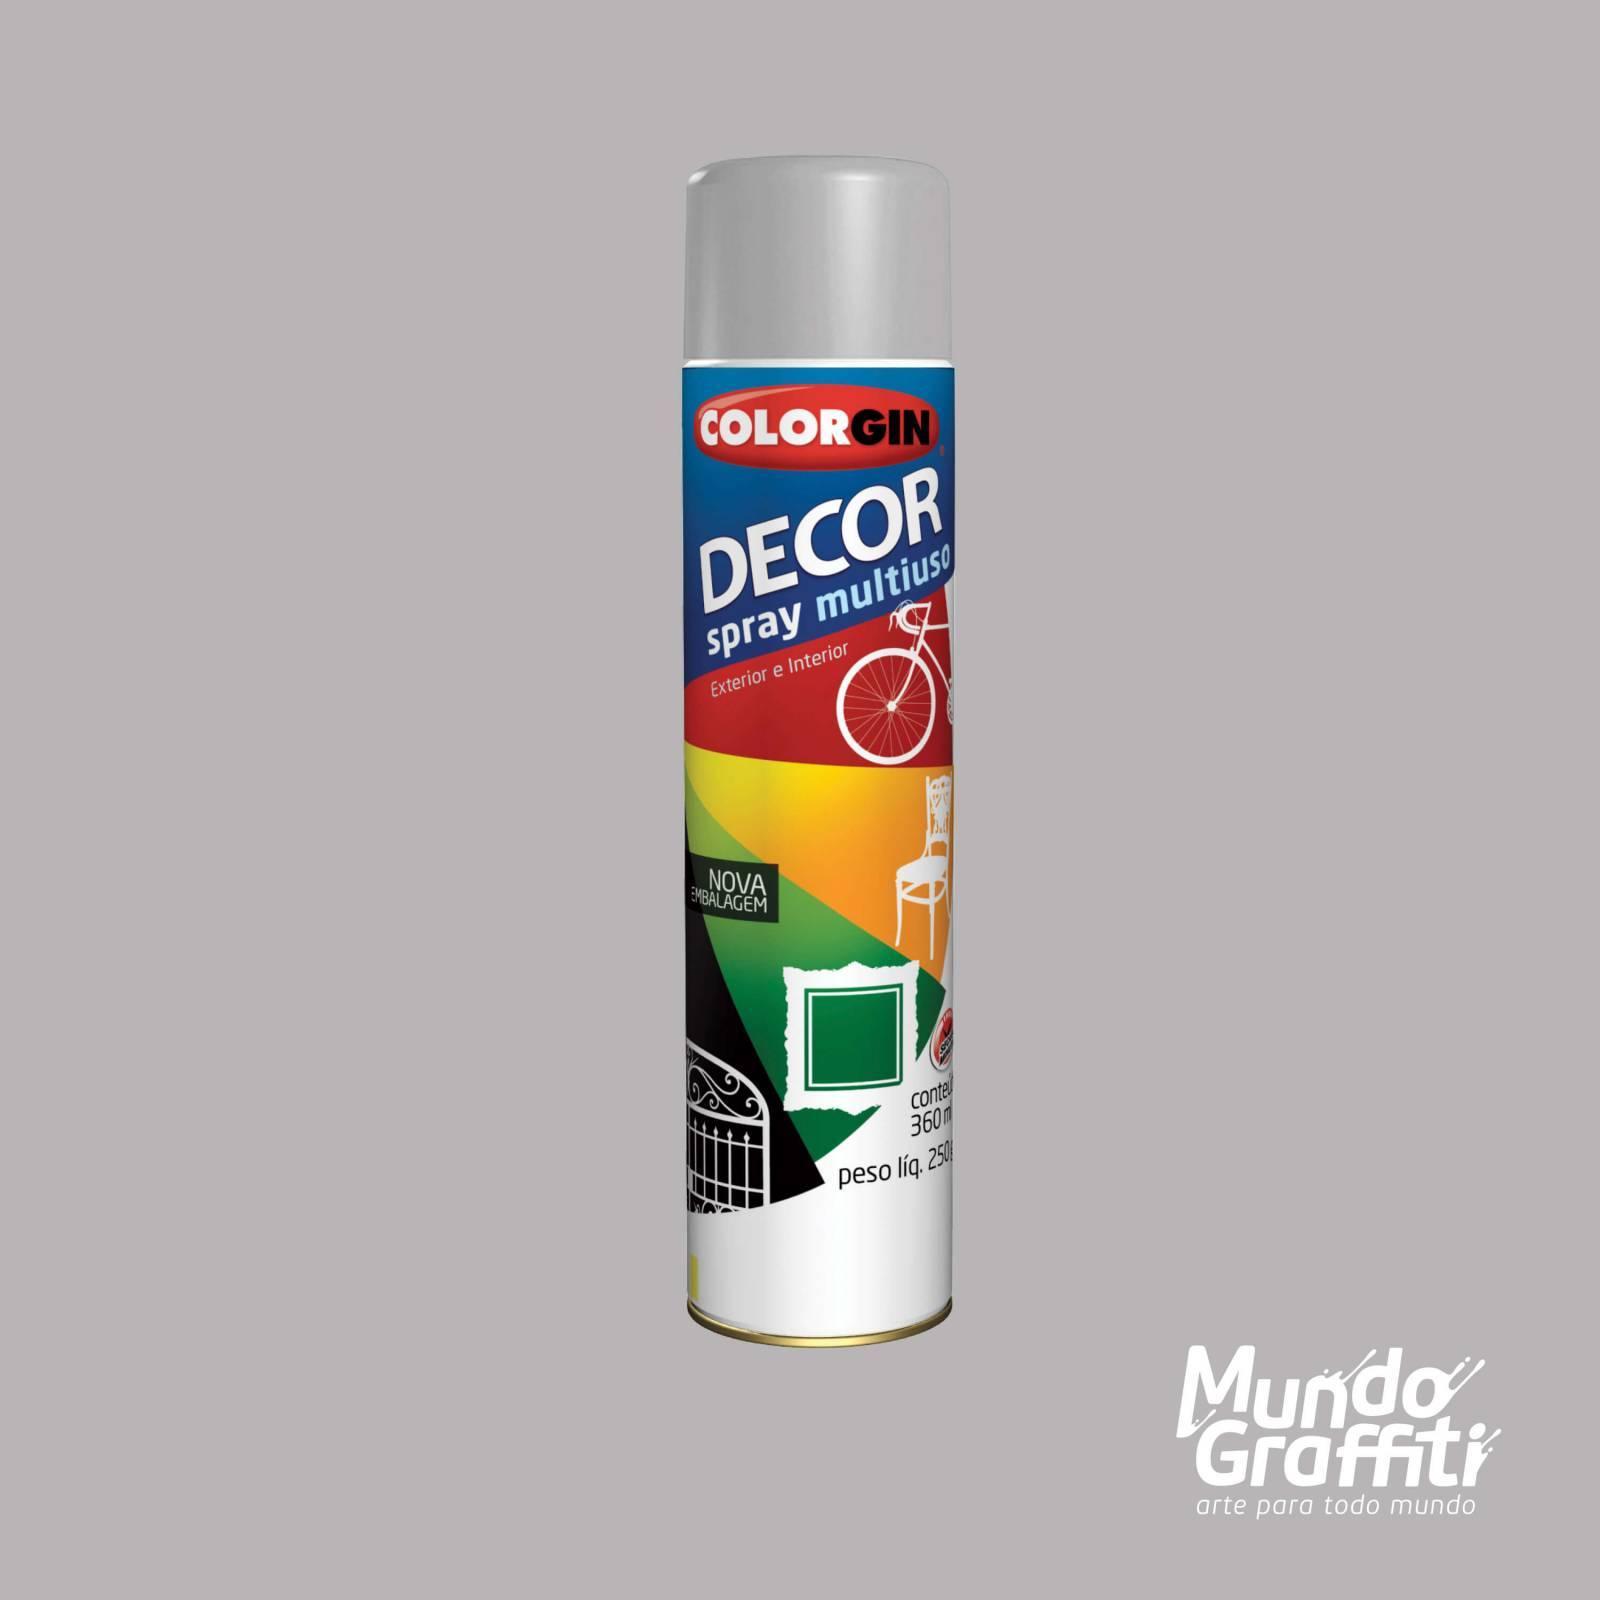 Tinta Spray Colorgin Decor 8651 Cinza Brilhante 360ml - Mundo Graffiti